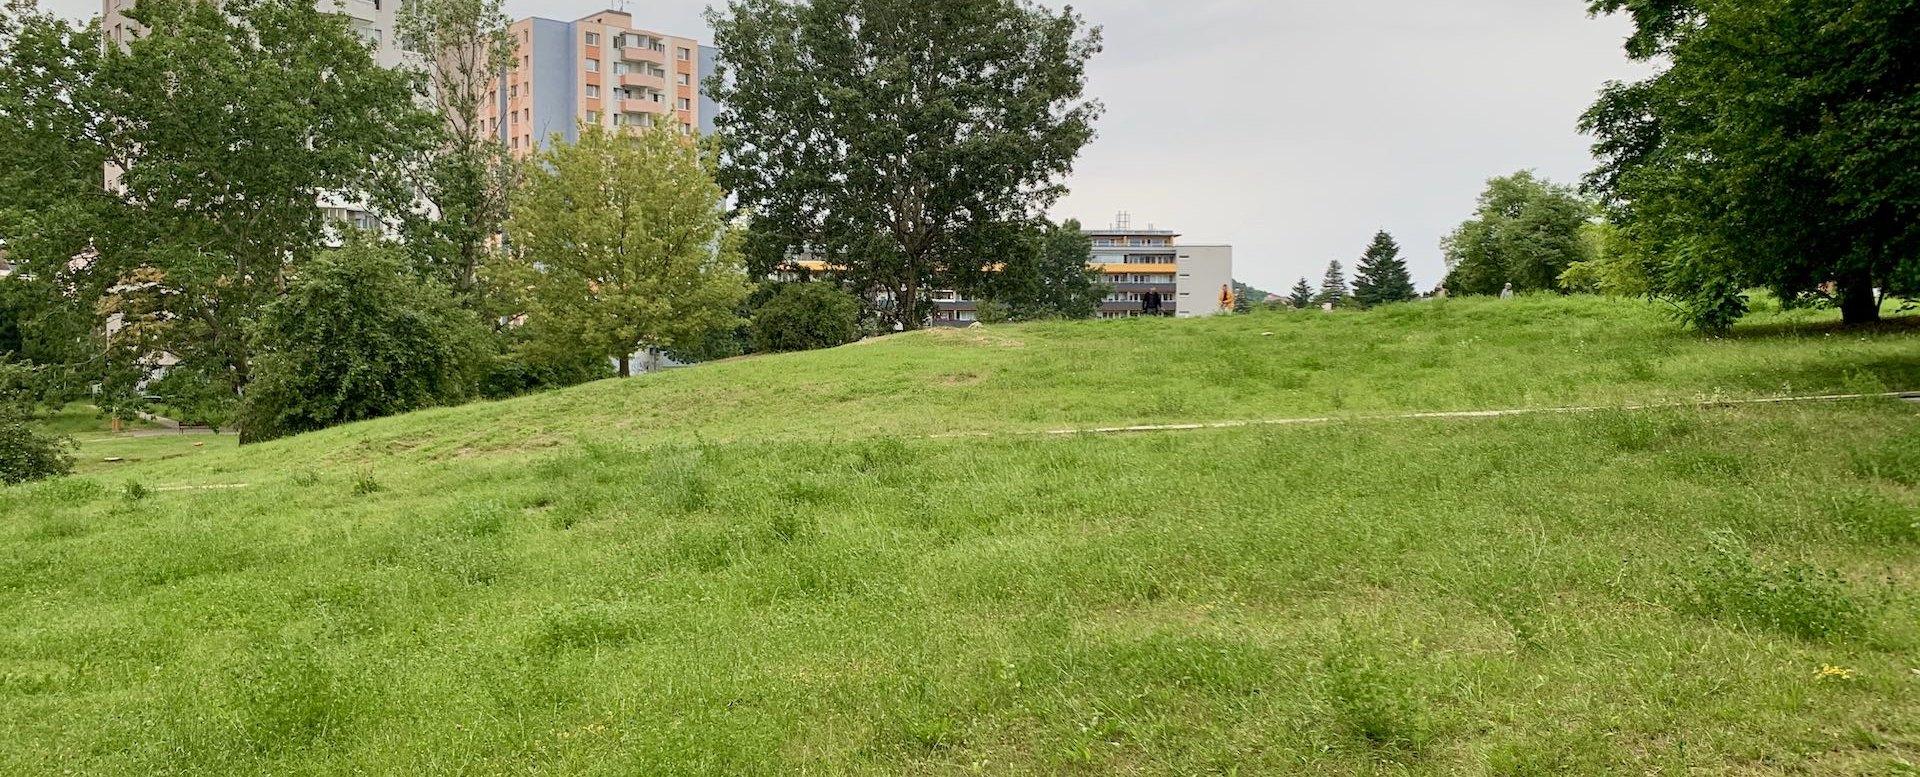 Okolie bytového domu v Dúbravke